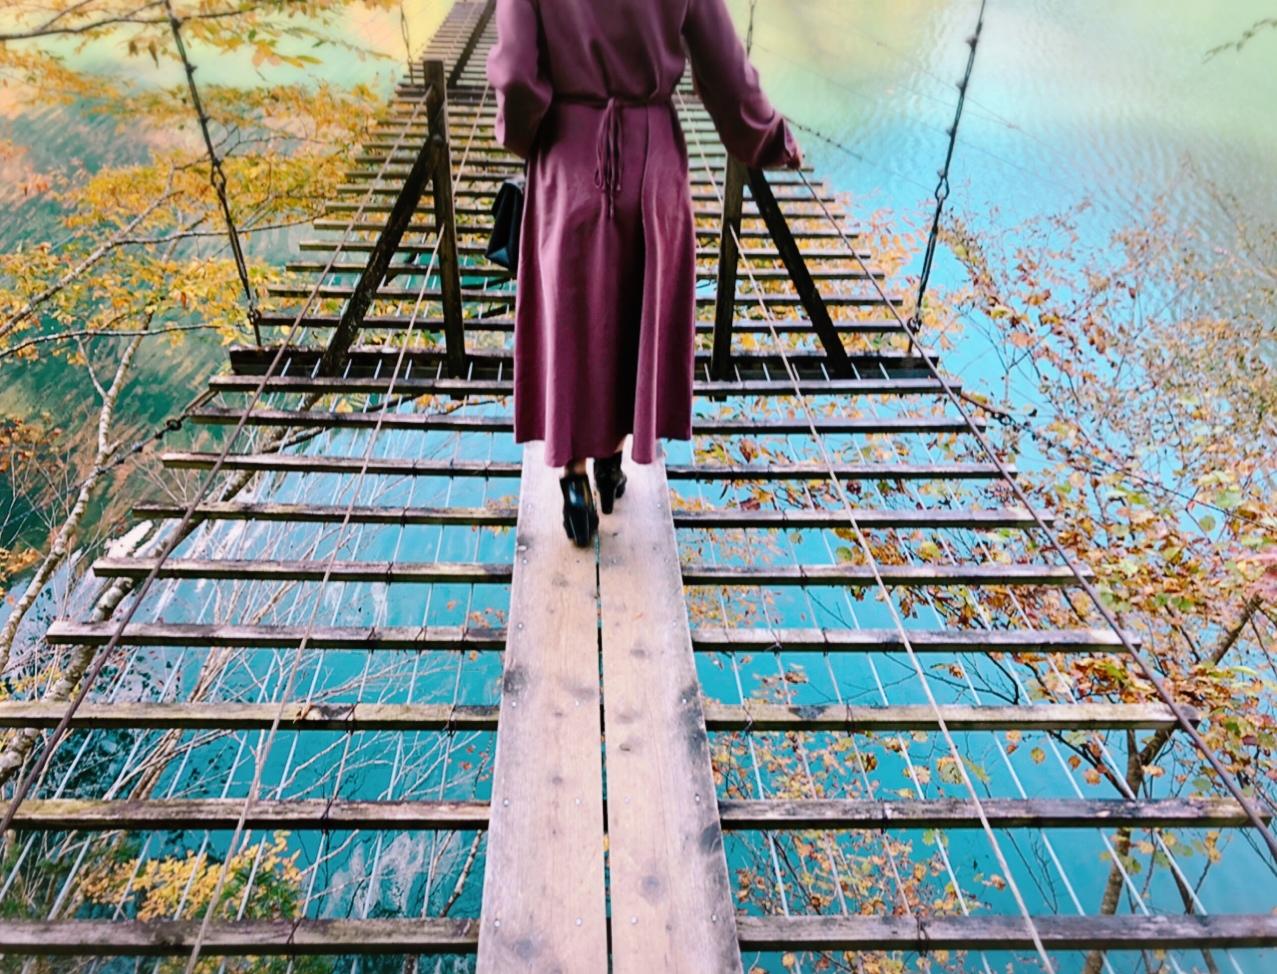 【#静岡】《夢の吊り橋×秋・紅葉》美しすぎるミルキーブルーの湖と紅葉のコントラストにうっとり♡湖上の吊り橋で空中散歩気分˚✧₊_6